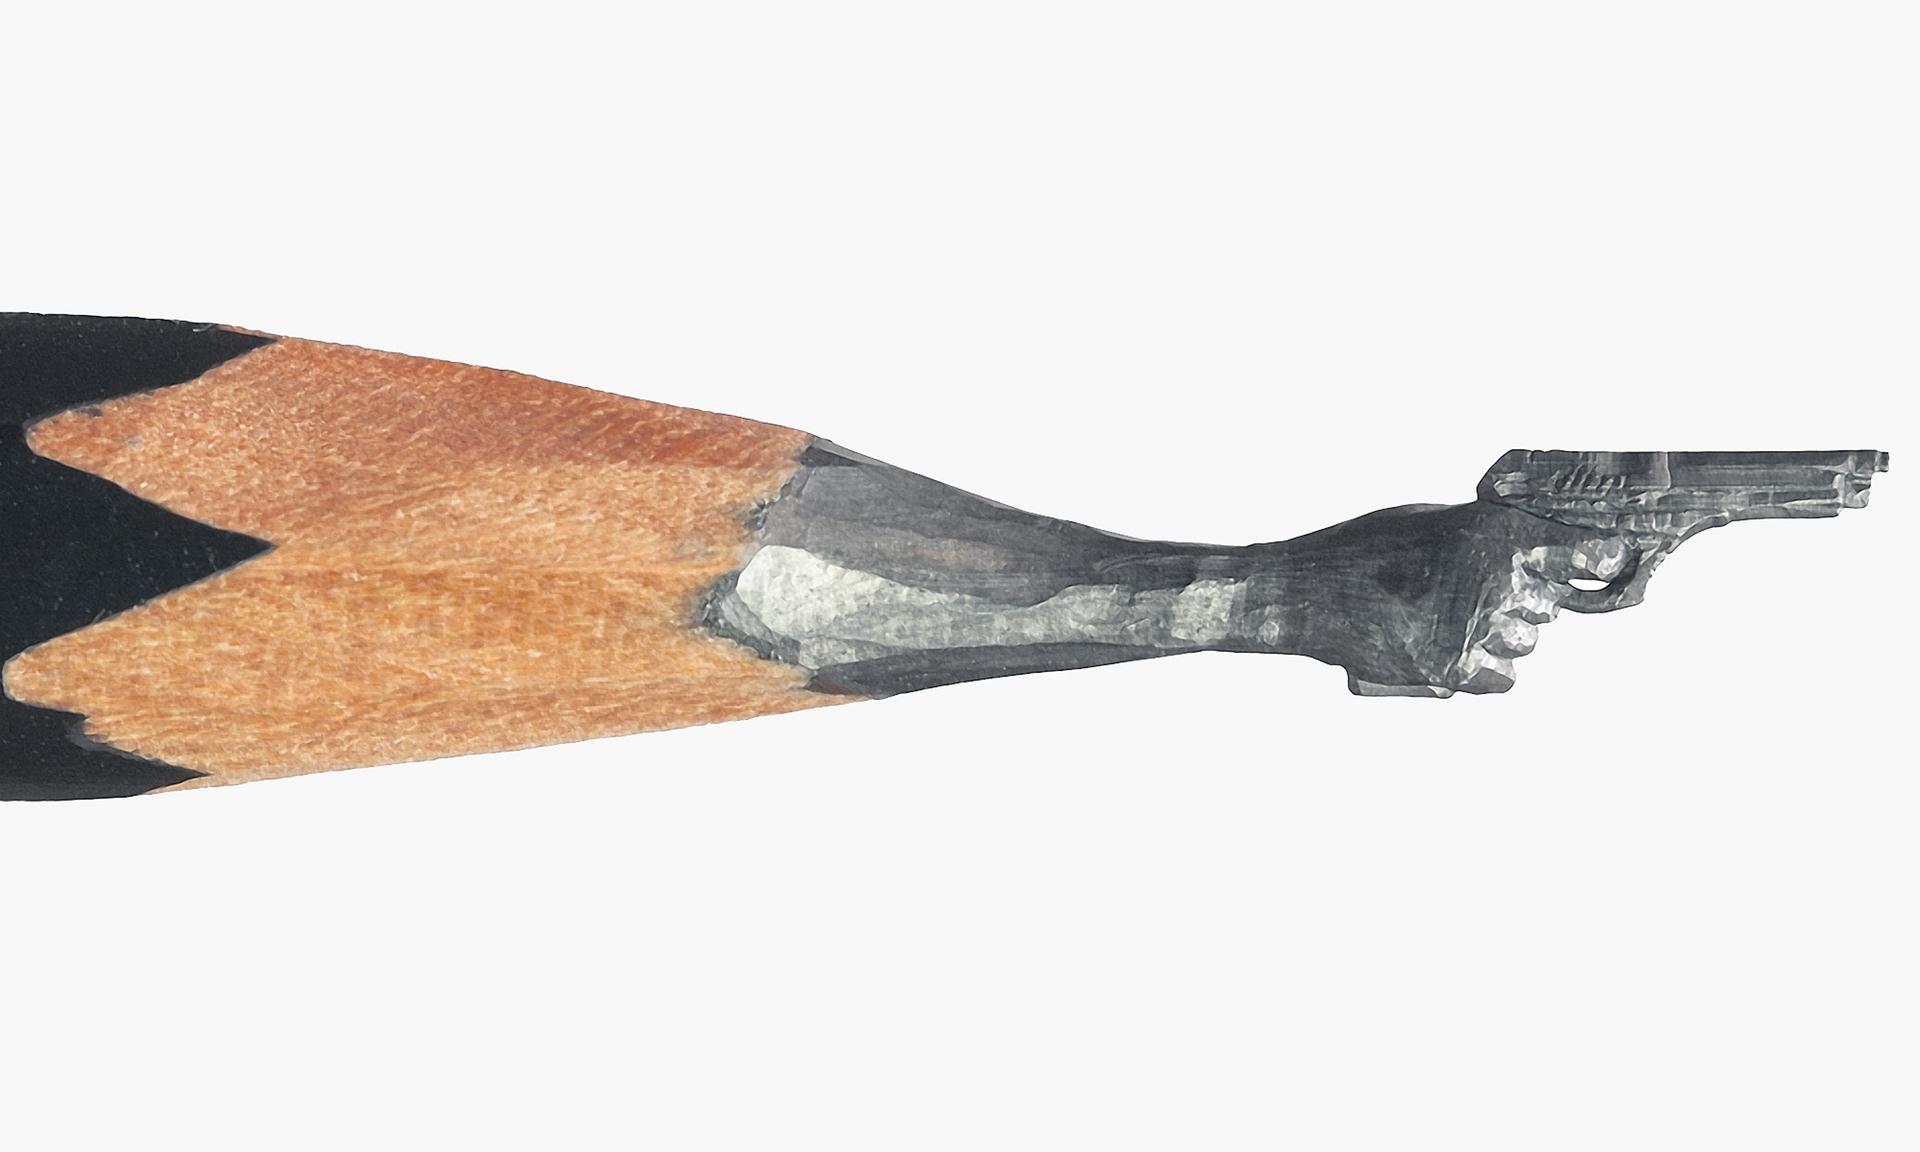 A sculpted pencil by the Russian miniature artist Salavat Fidai. Photograph: WENN Source: The Guardian